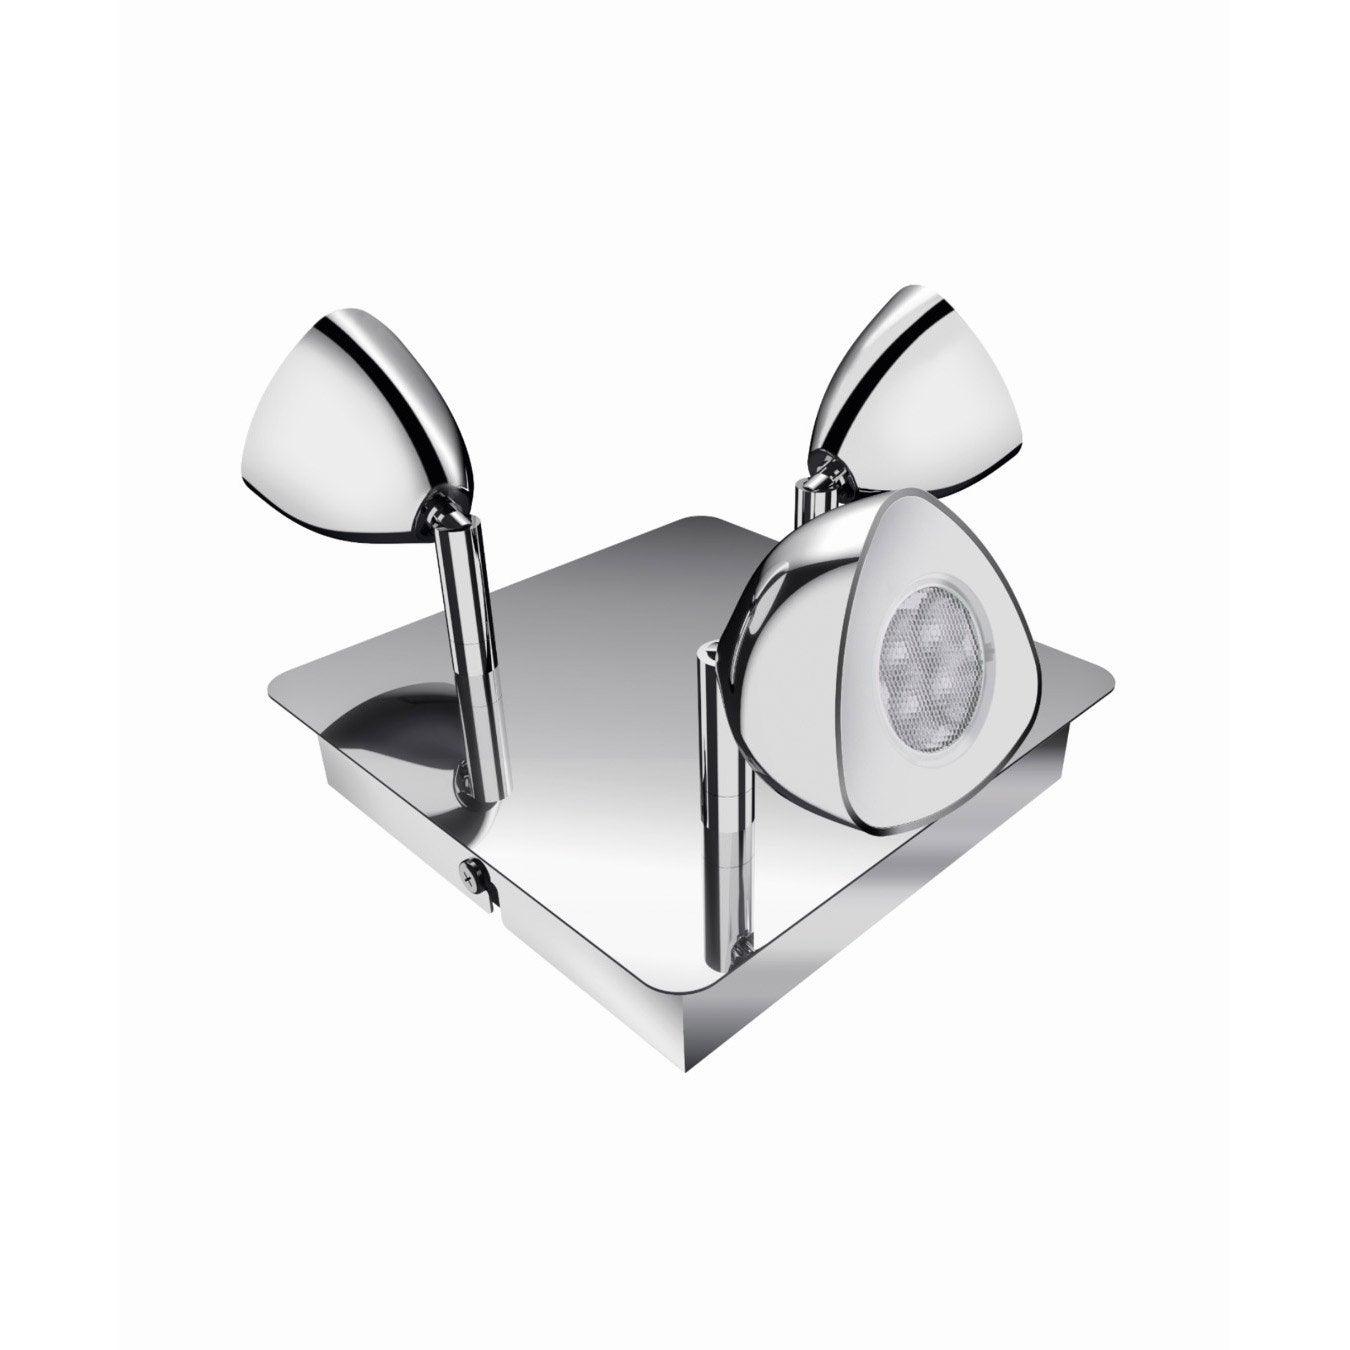 Plafonnier 3 spots led int gr e 3x14w chrom calyx for Plafonnier salle de bain leroy merlin